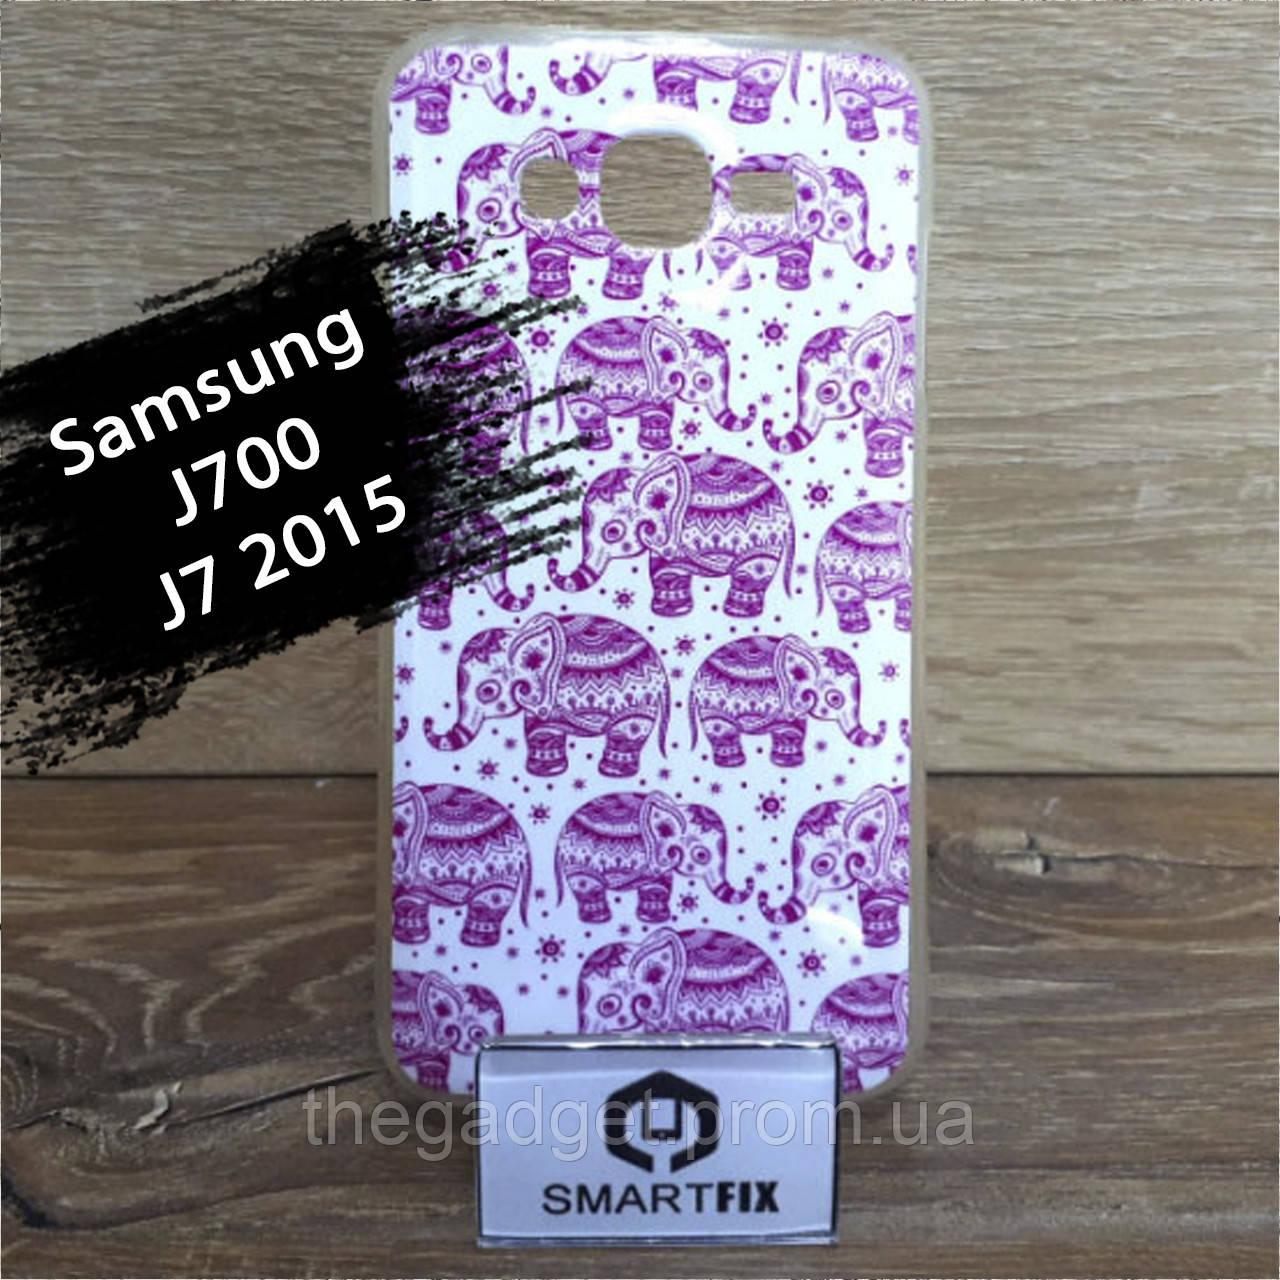 Чехол с рисунком для Samsung J7 2015  (J700)